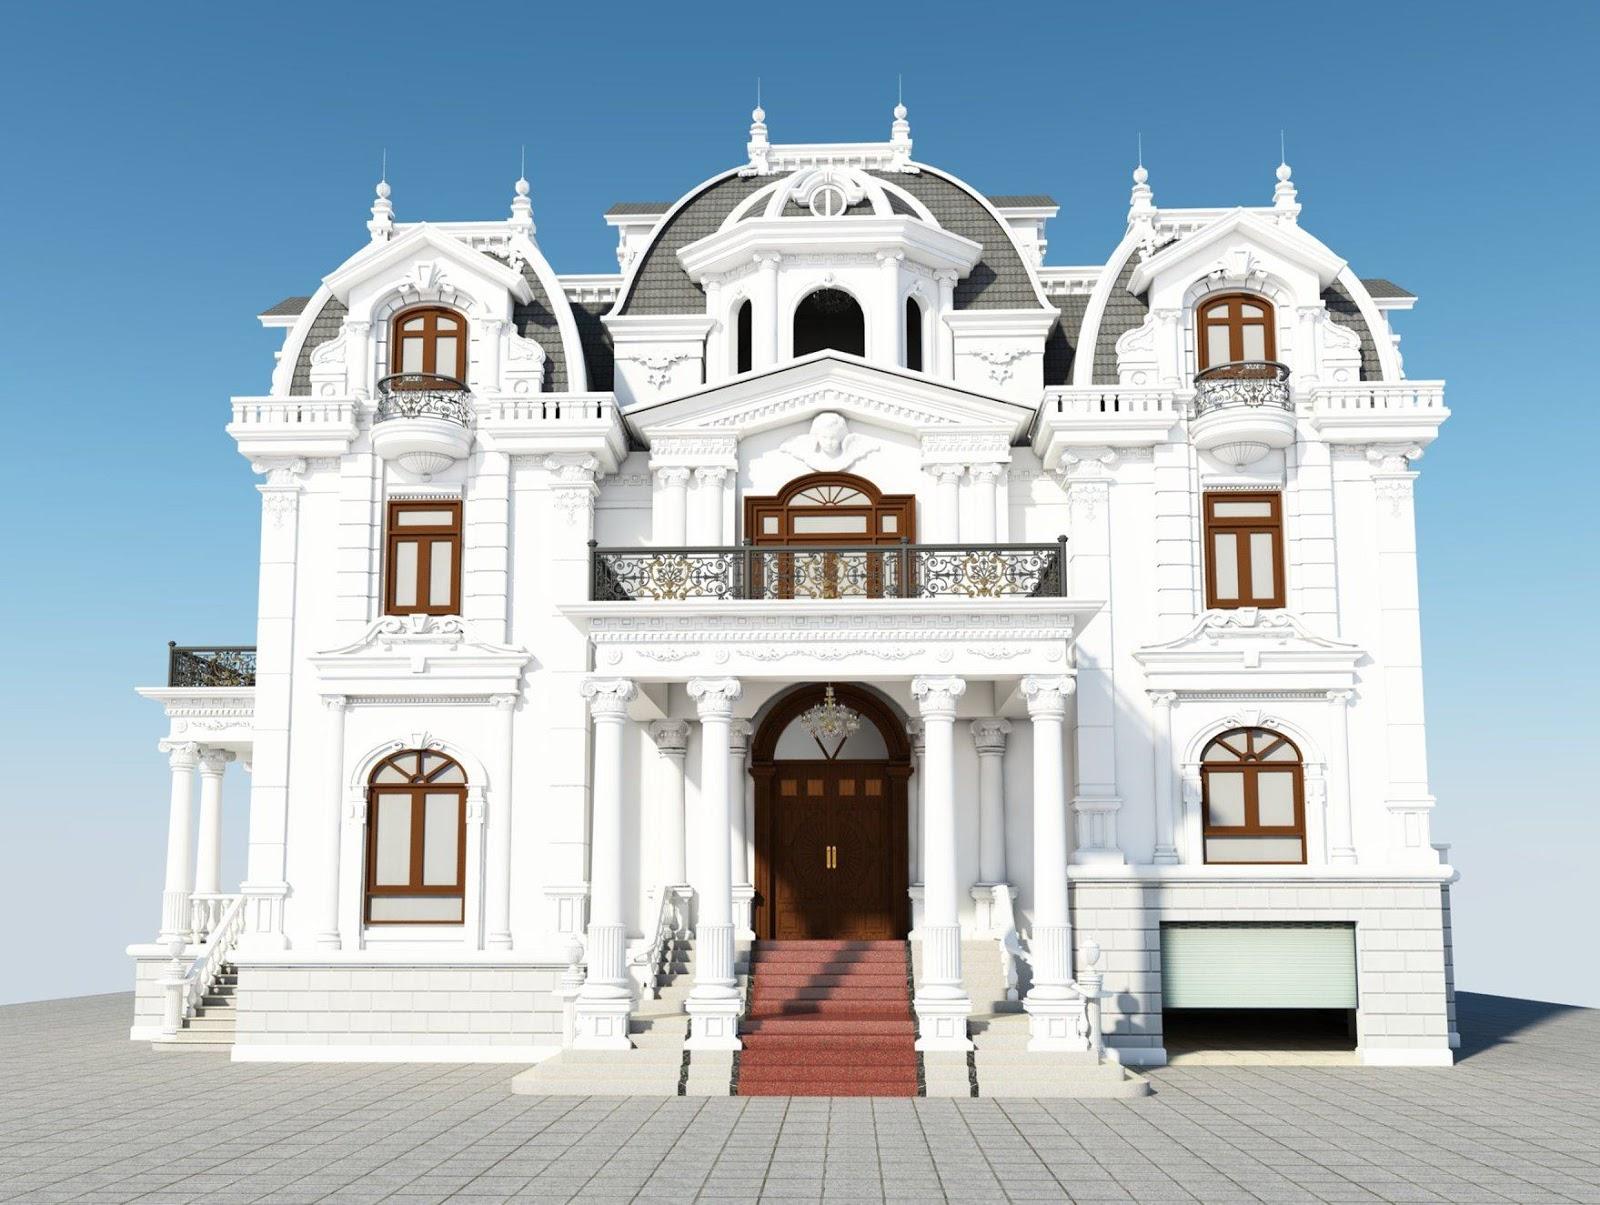 Phối cảnh thiết kế Biệt thự cổ điển 3 tầng